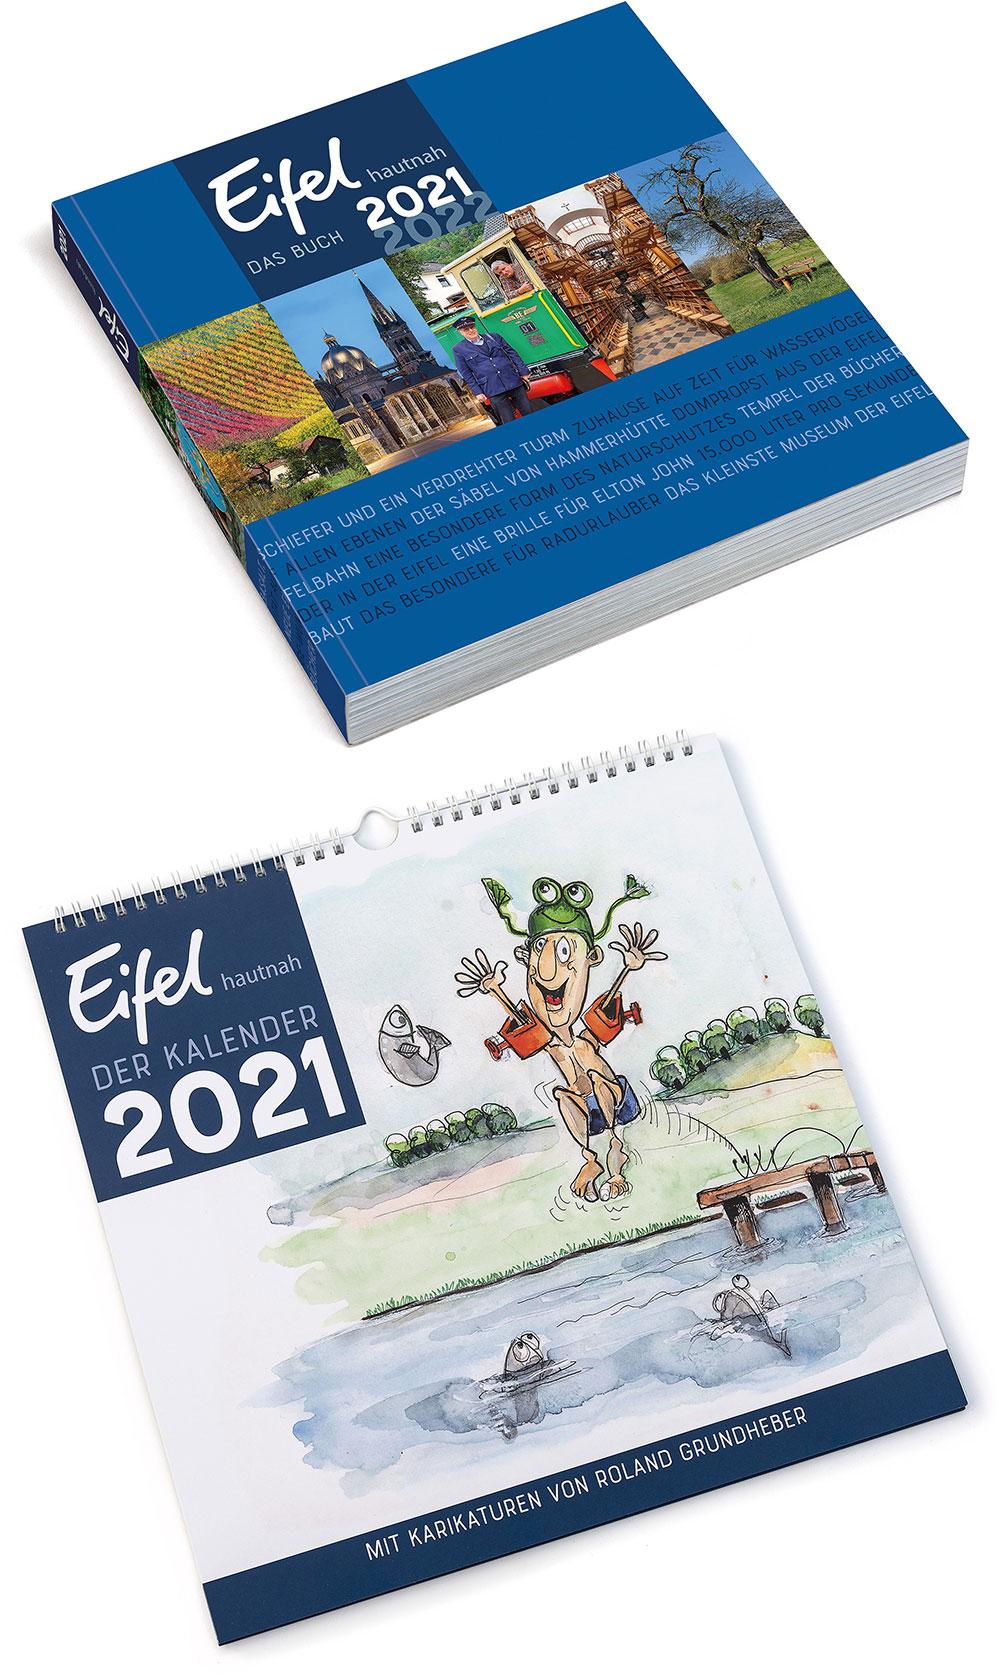 Eifel hautnah Das Buch und Der Kalender 2021 online vorbestellen